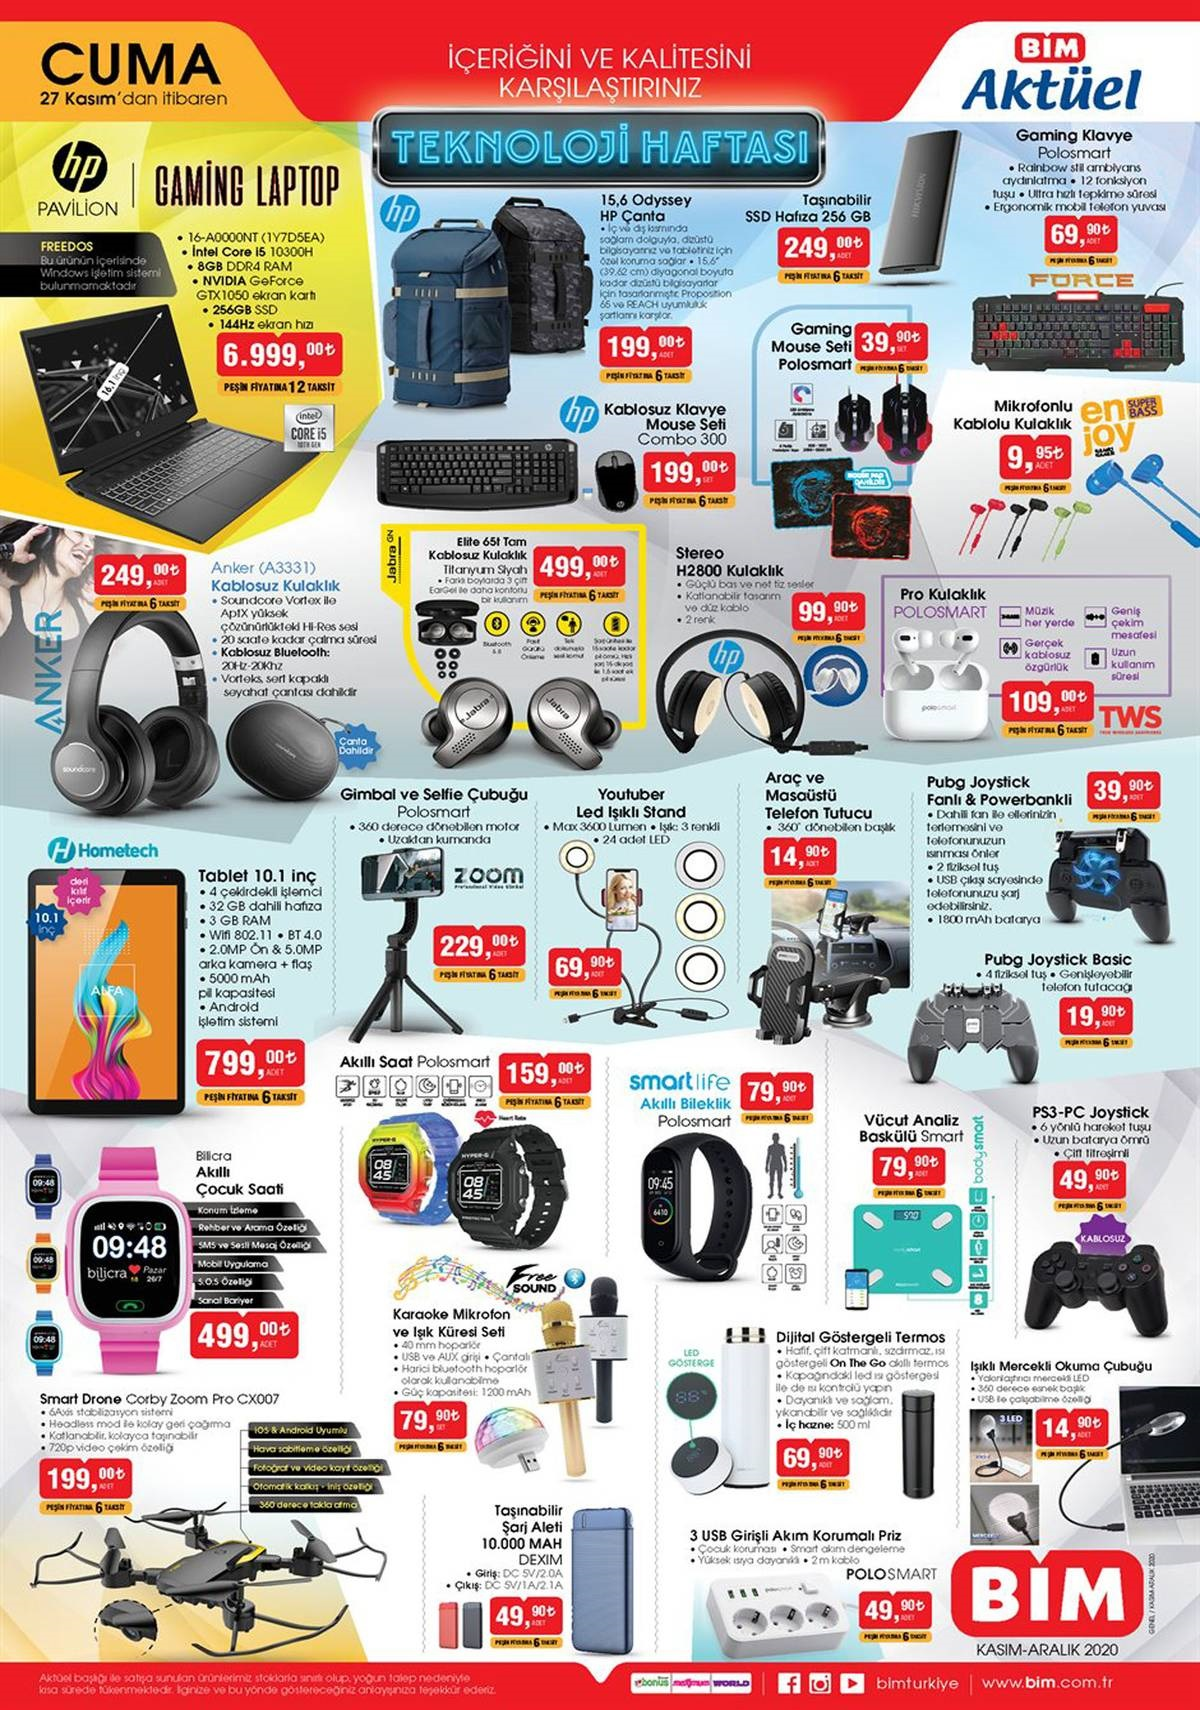 26 Kasım A101 ve 27 Kasım BİM aktüel ürünler